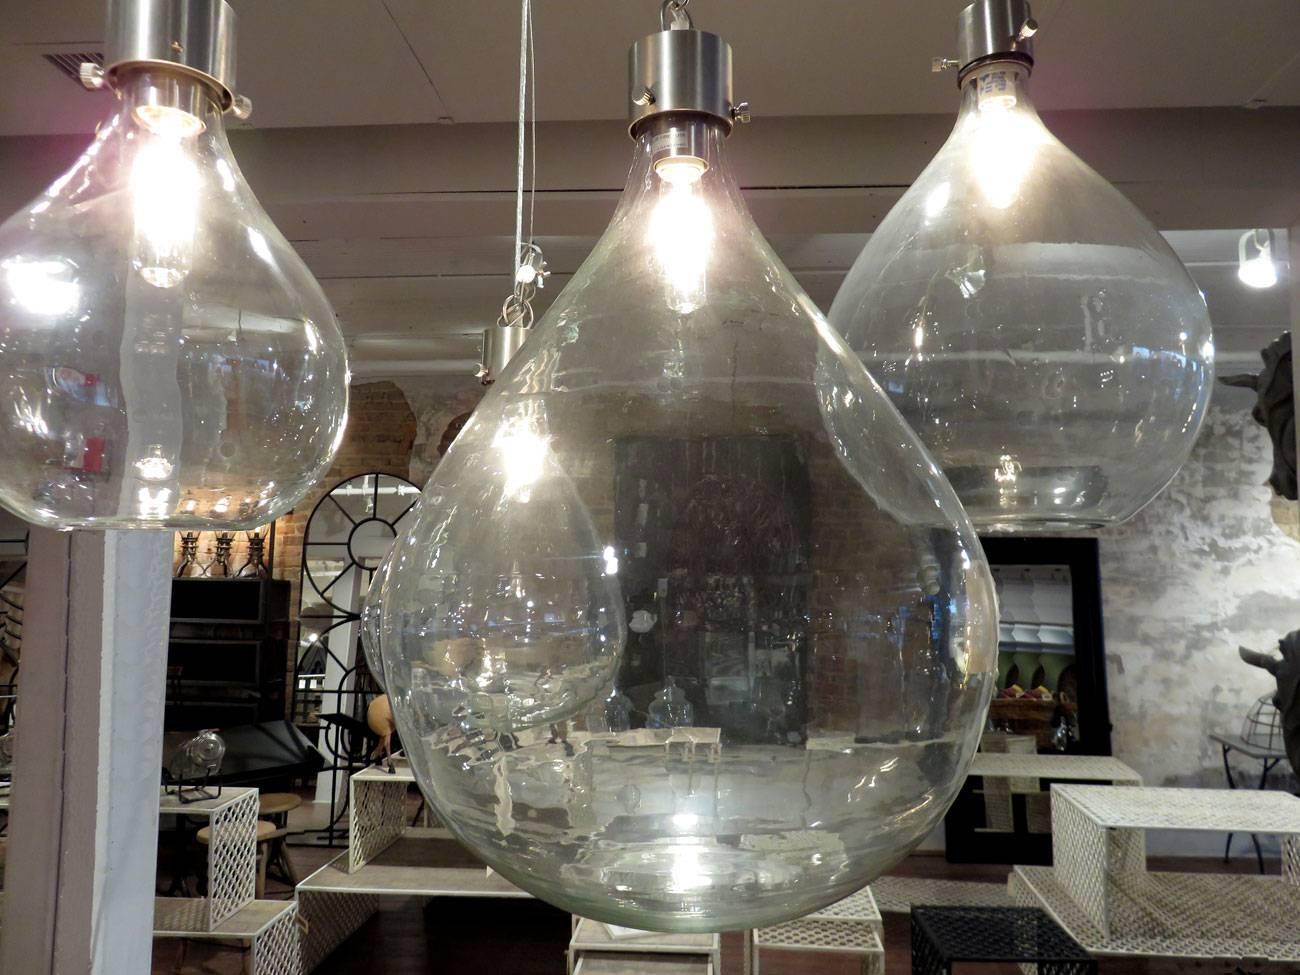 Glass Sphere Pendant Lights - Hudson Goods Blog pertaining to Glass Sphere Pendant Lights (Image 7 of 15)